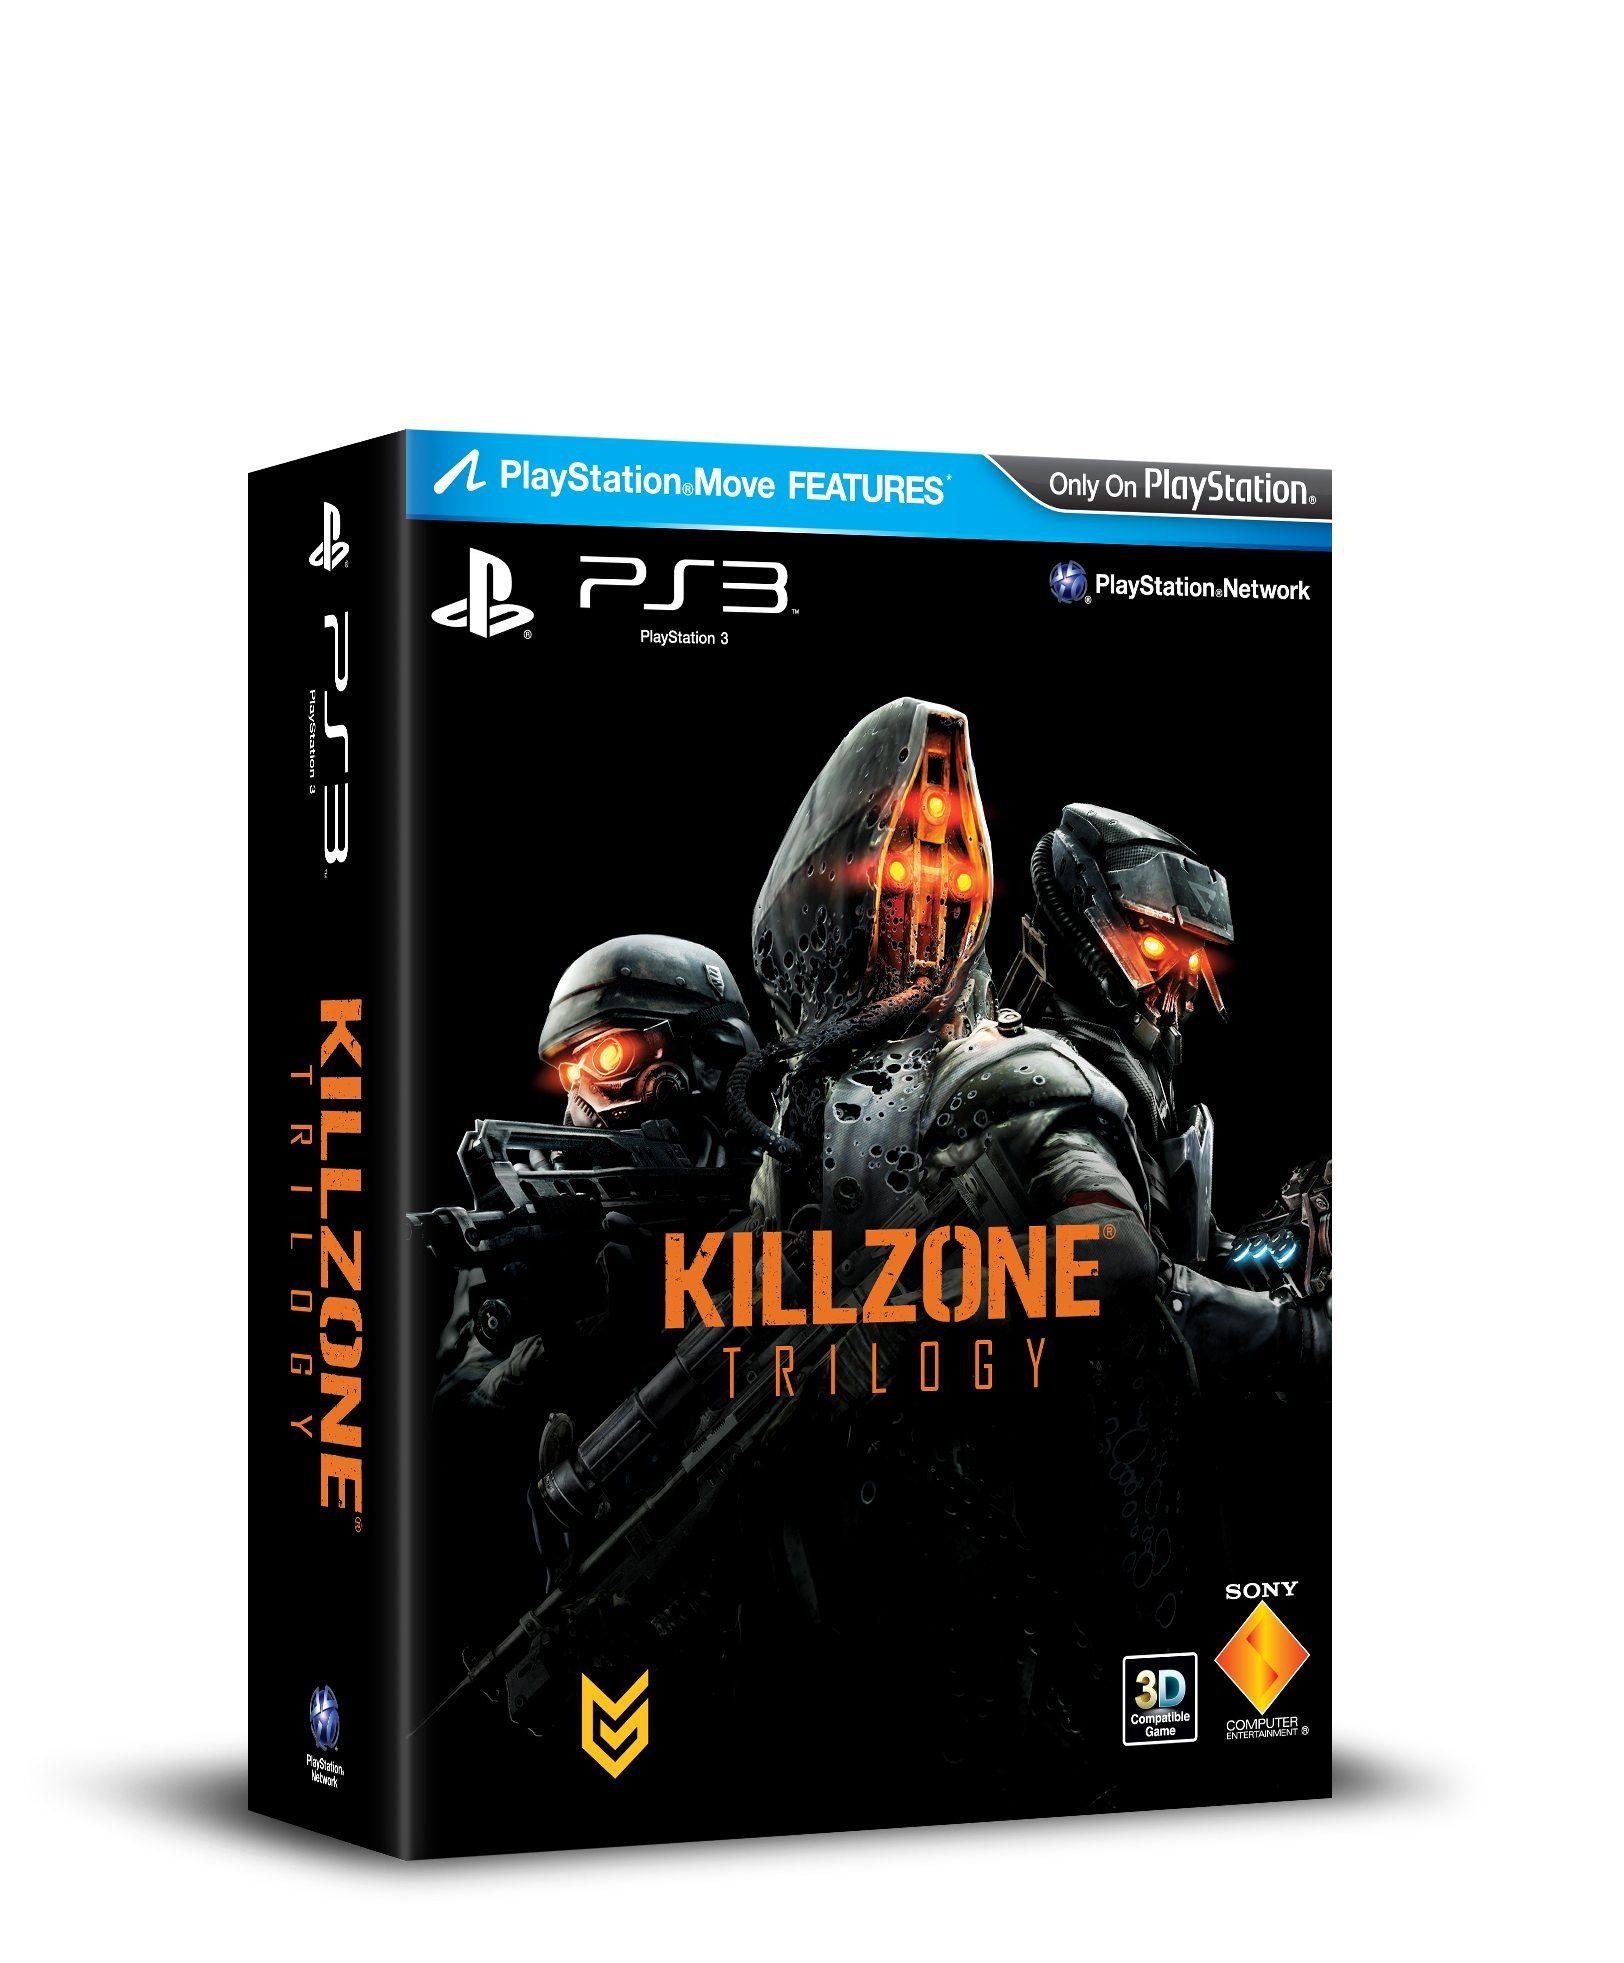 Killzone Trilogy box art